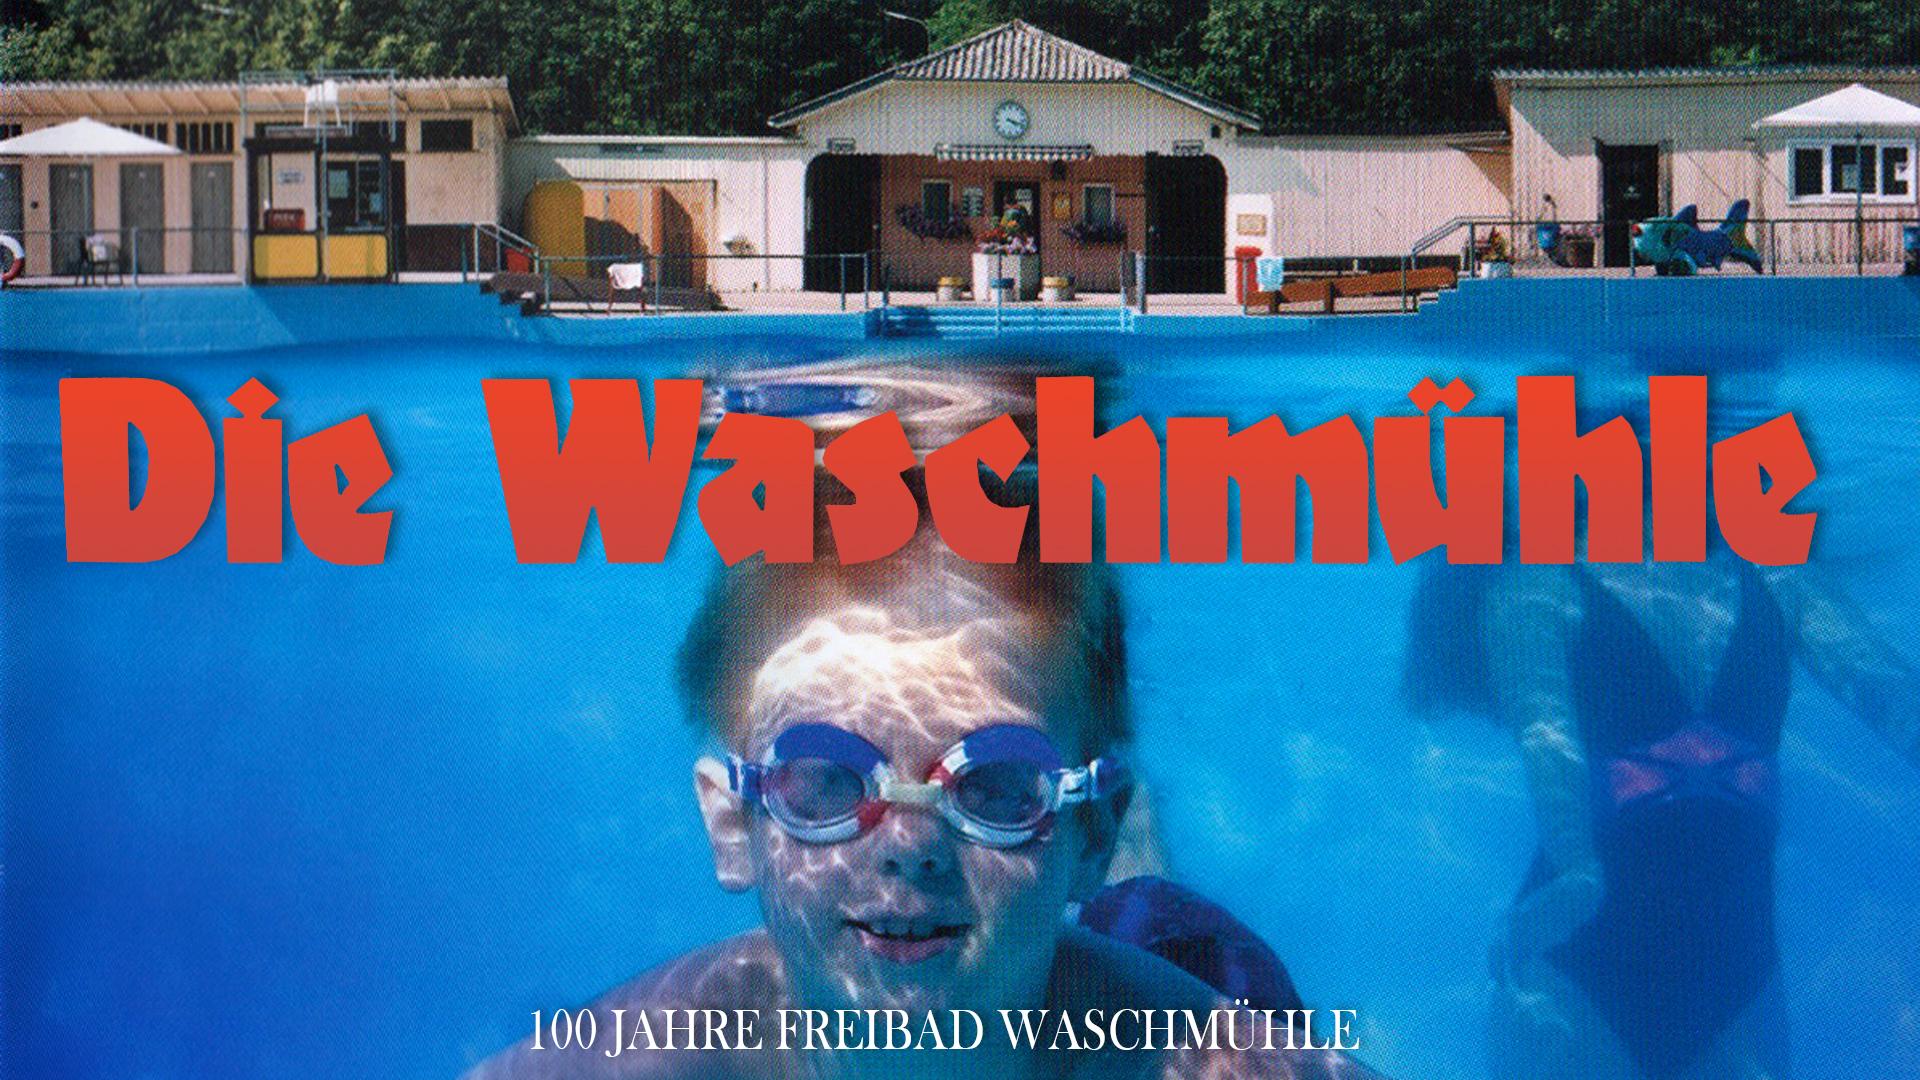 Die Waschmühle - 100 Jahre Freibad Waschmühle